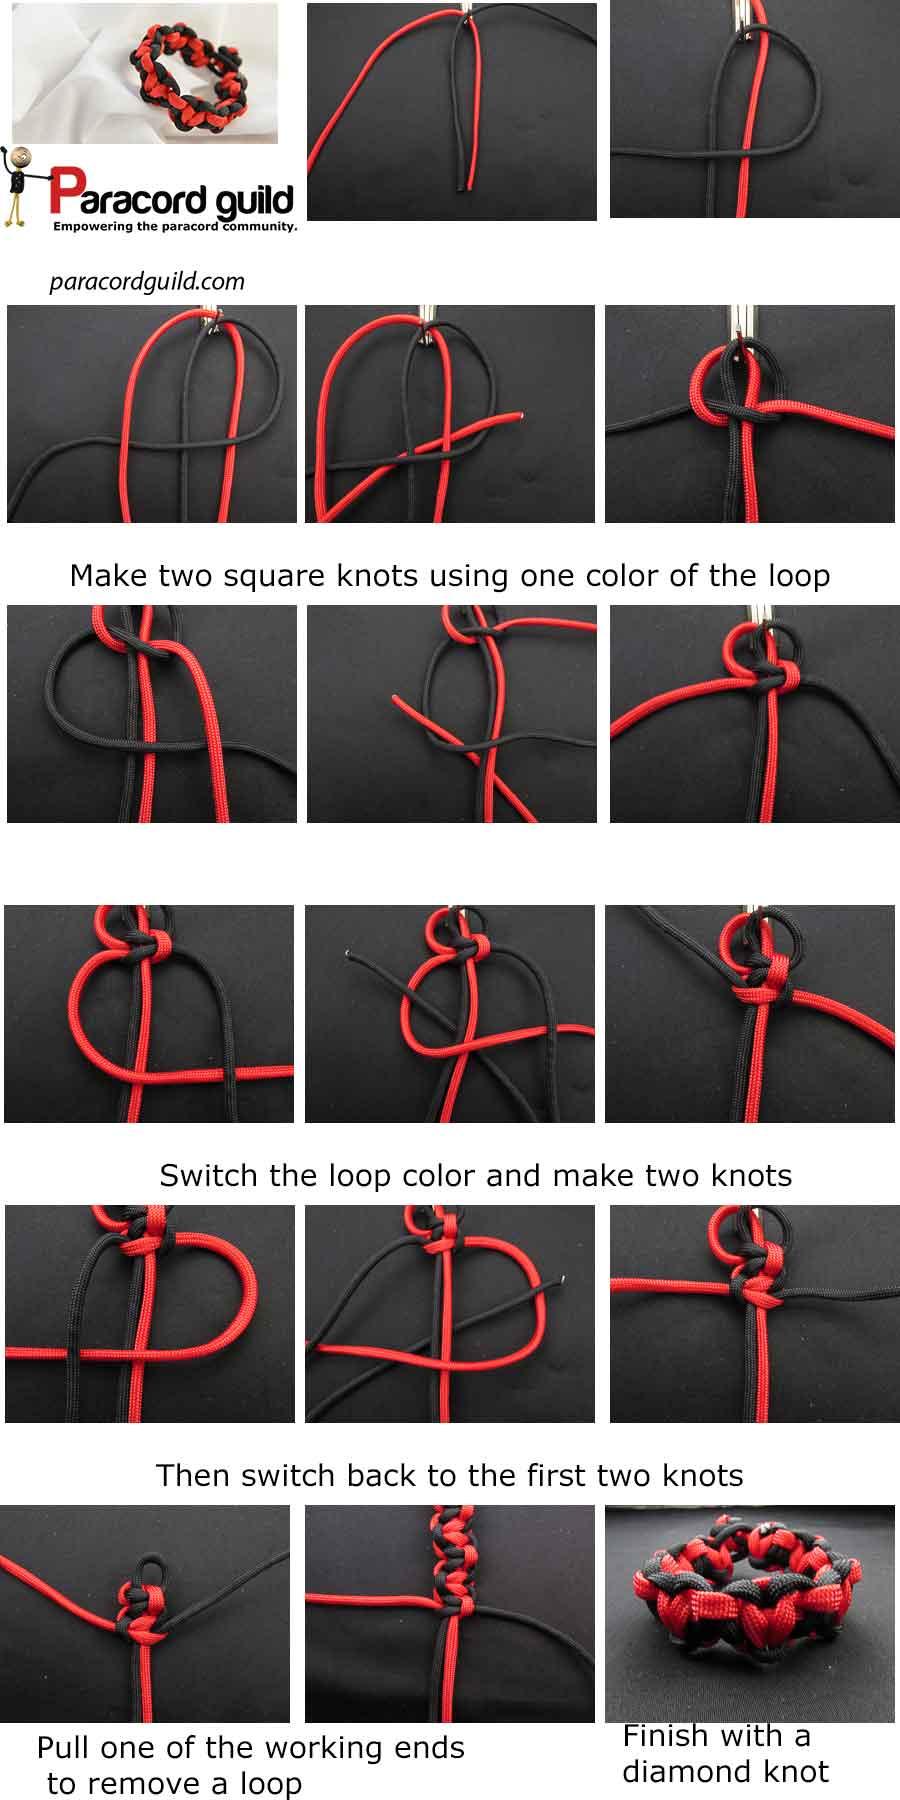 solomons-heart-bracelet-instructions